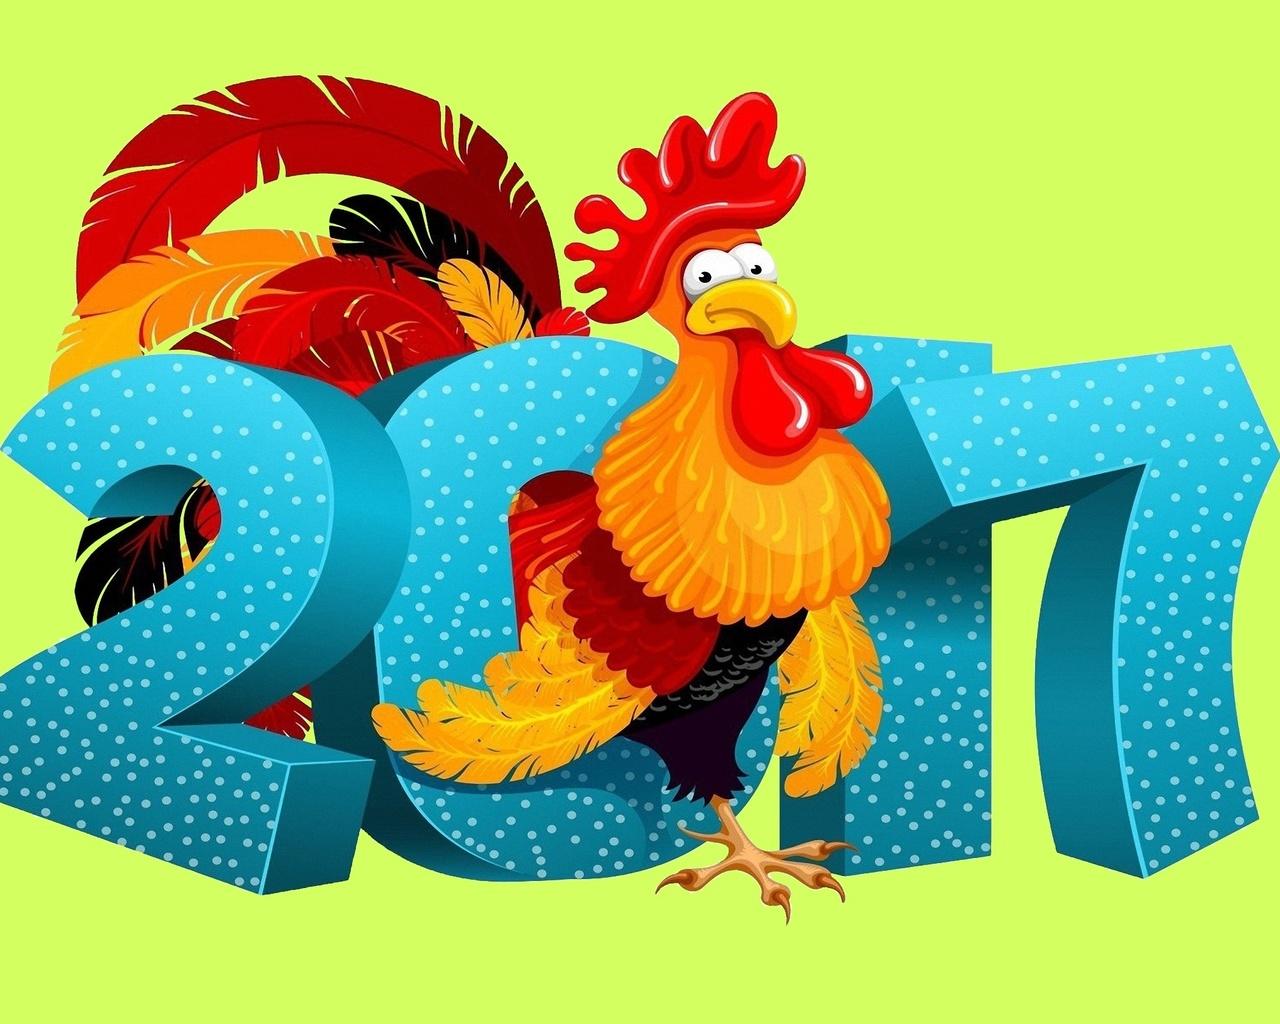 Прикольные картинки к году петуха 2017